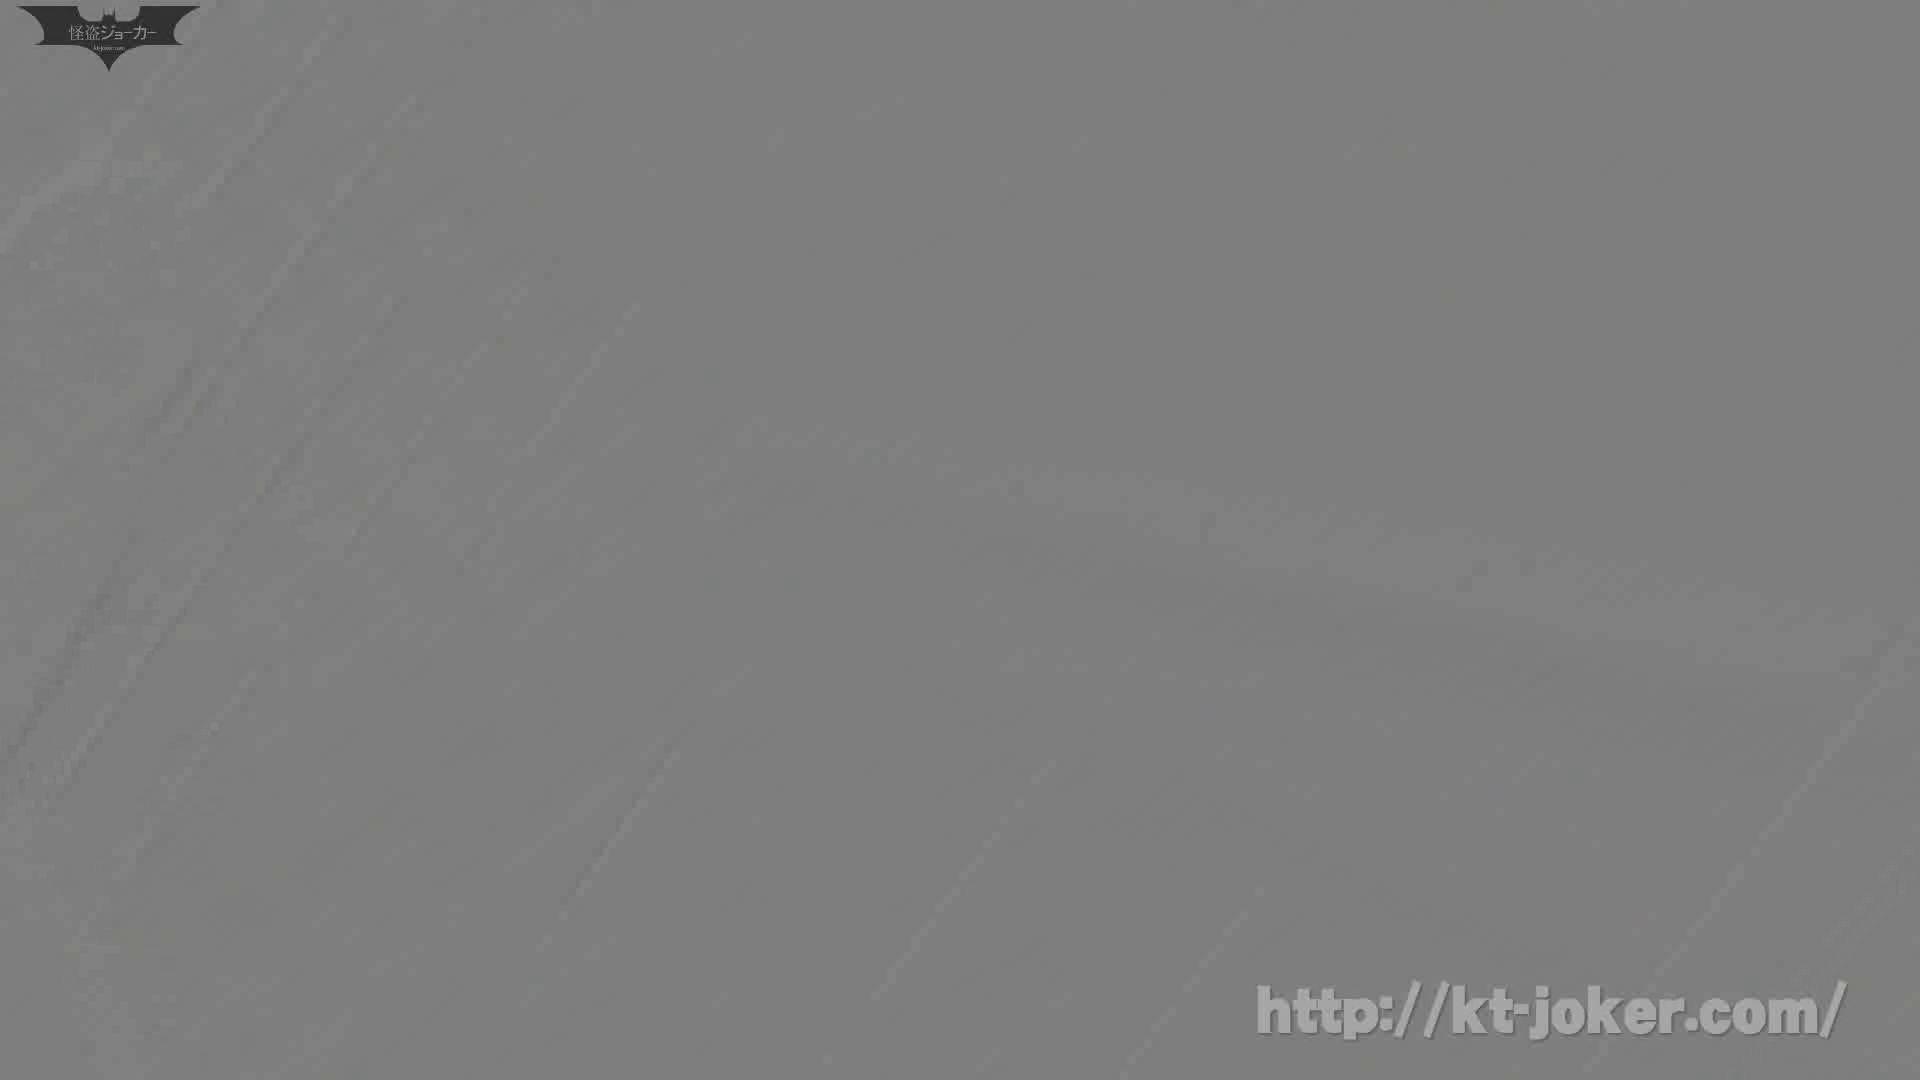 命がけ潜伏洗面所! vol.63 美女OL オマンコ動画キャプチャ 109連発 11